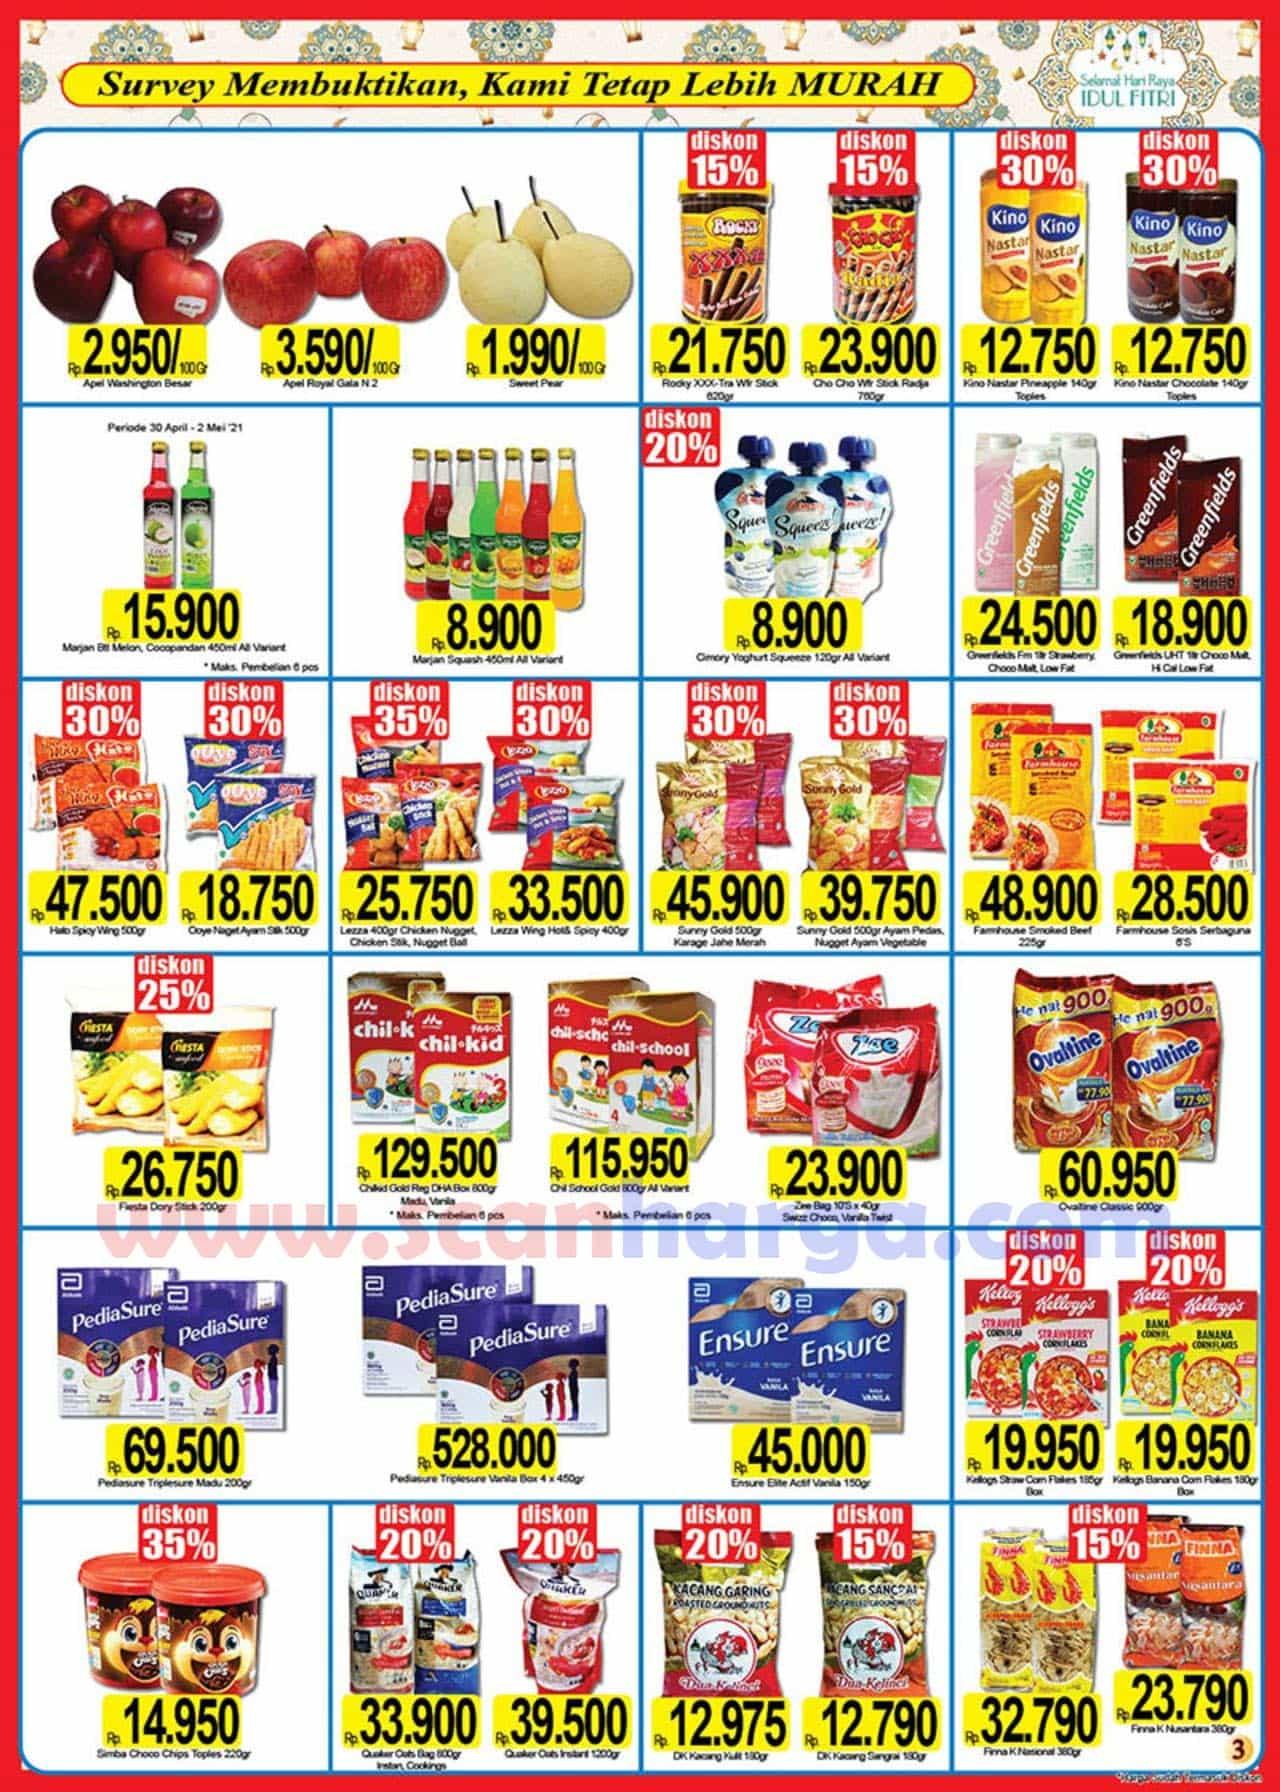 Katalog Promo Naga Pasar Swalayan 25 April - 16 Mei 2021 3